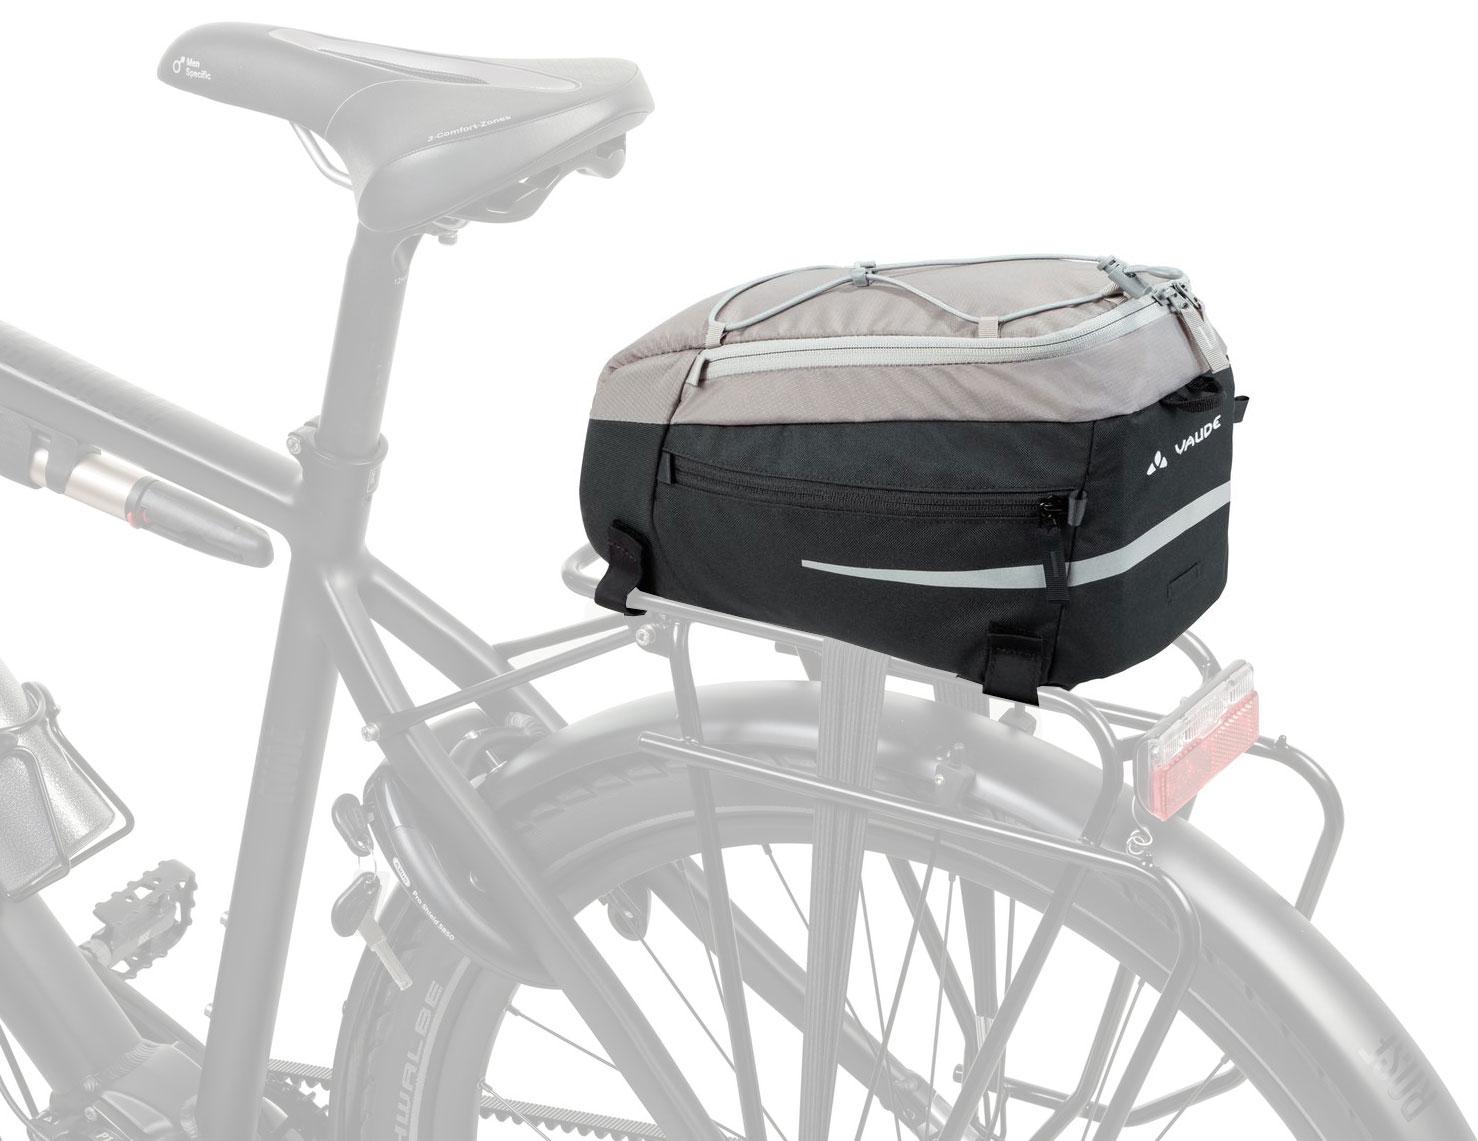 Bild von Vaude Silkroad M Fahrradtasche - schwarz